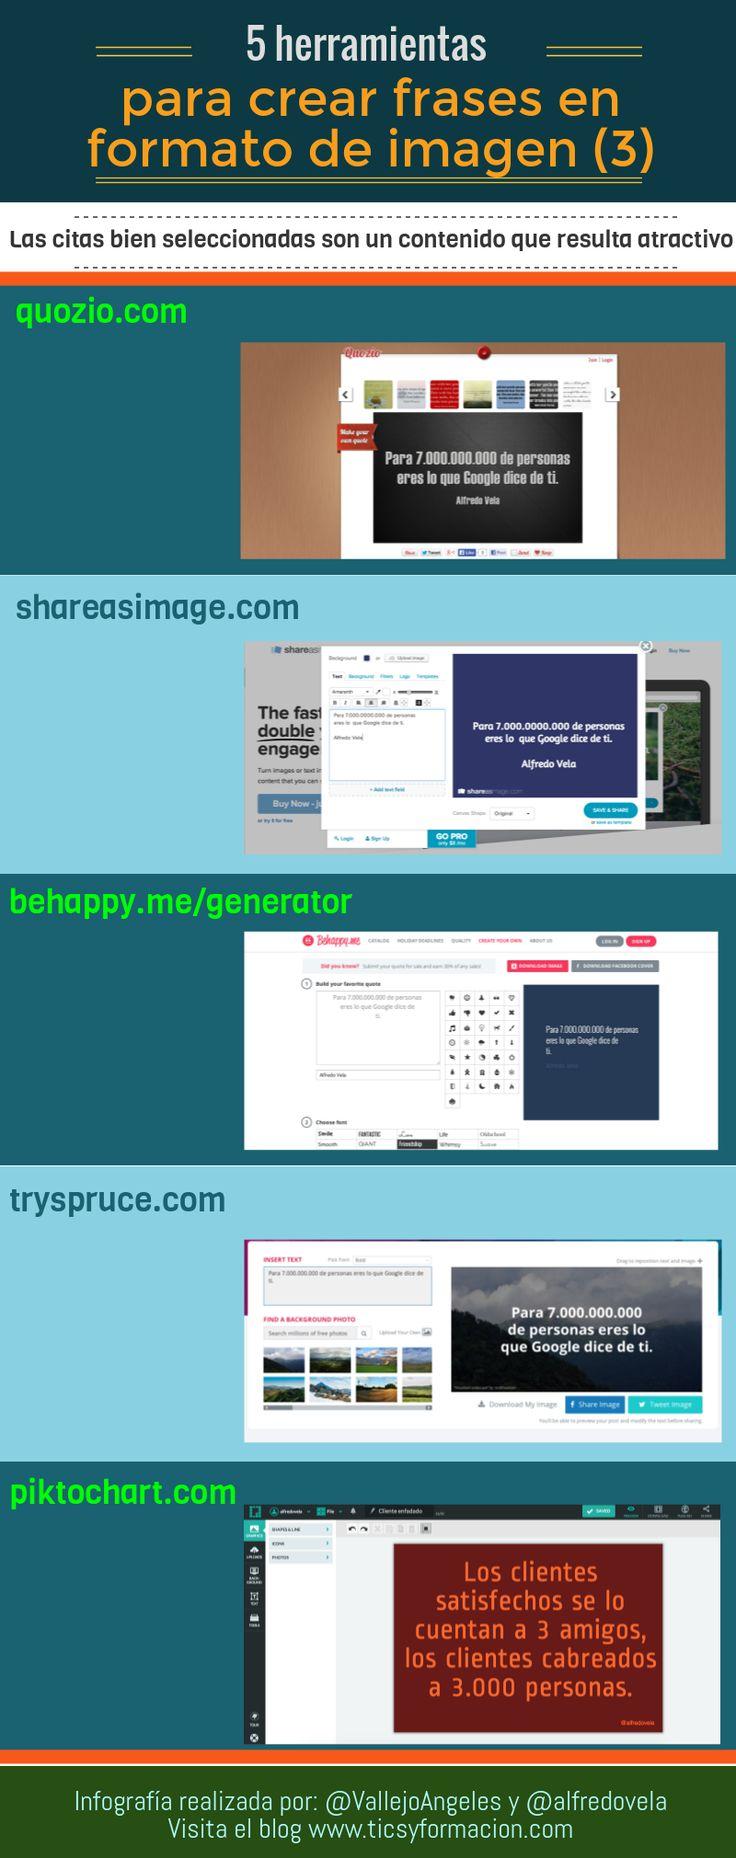 5 herramientas online para crear frases en formato de imagen (3) #infografia #citas #quotes